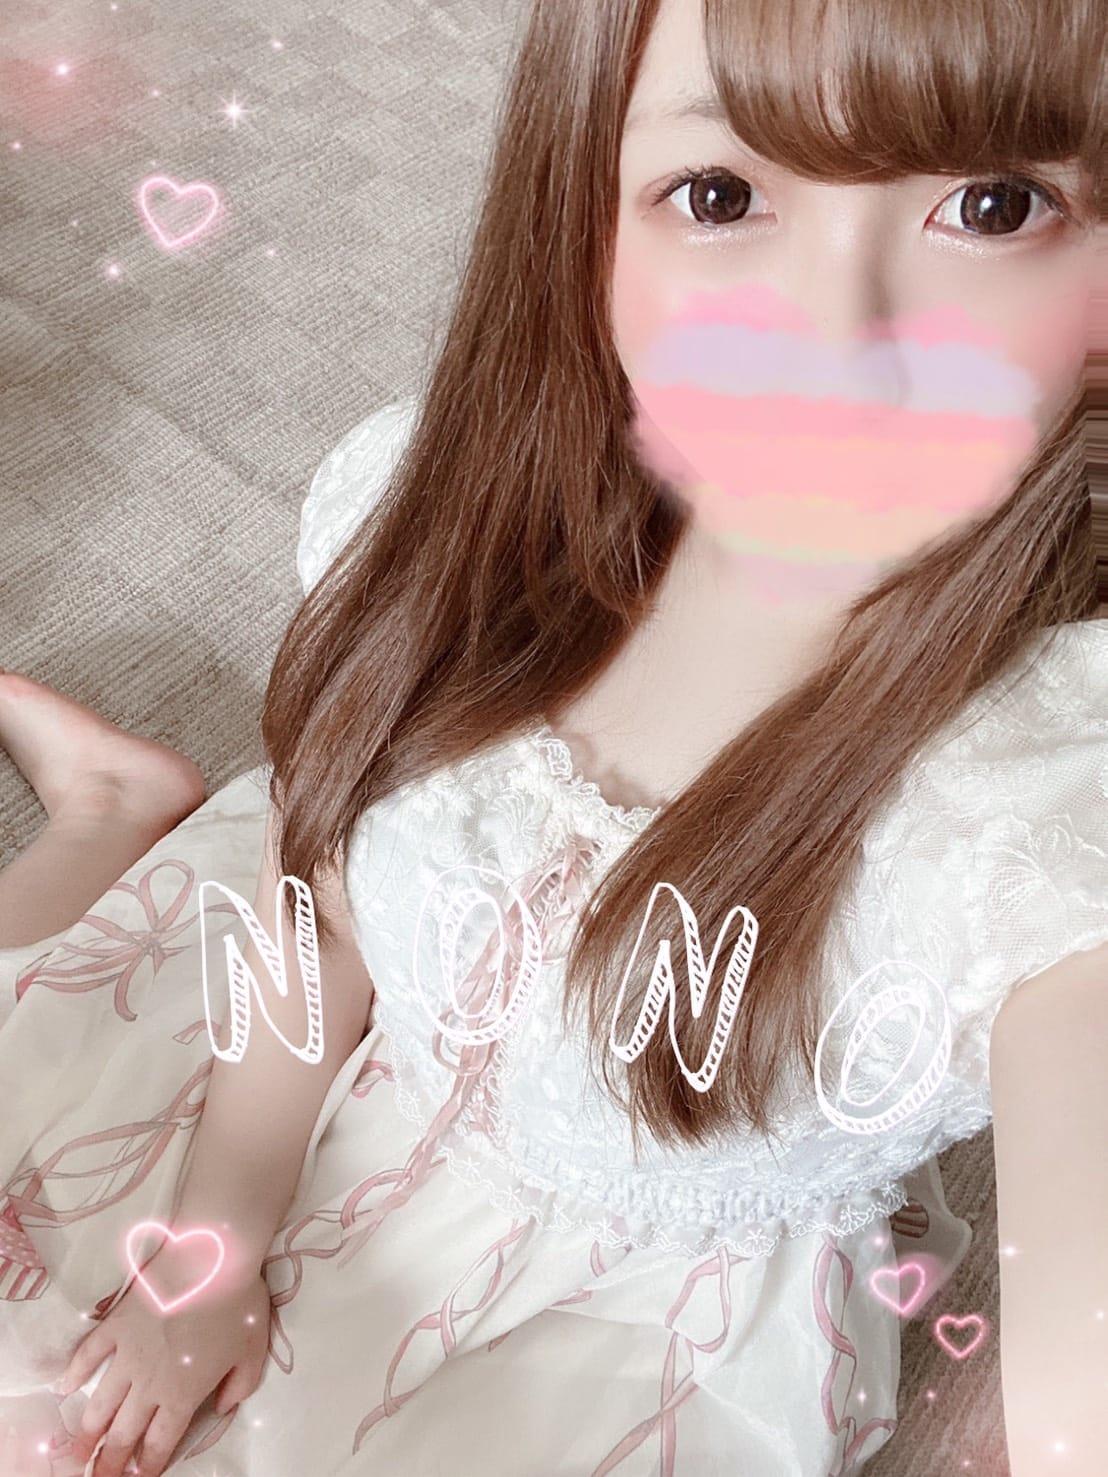 【新人】NONO(ノノ) |『i-LiLy-アイリリー』学生~人妻まで-福山デリヘル